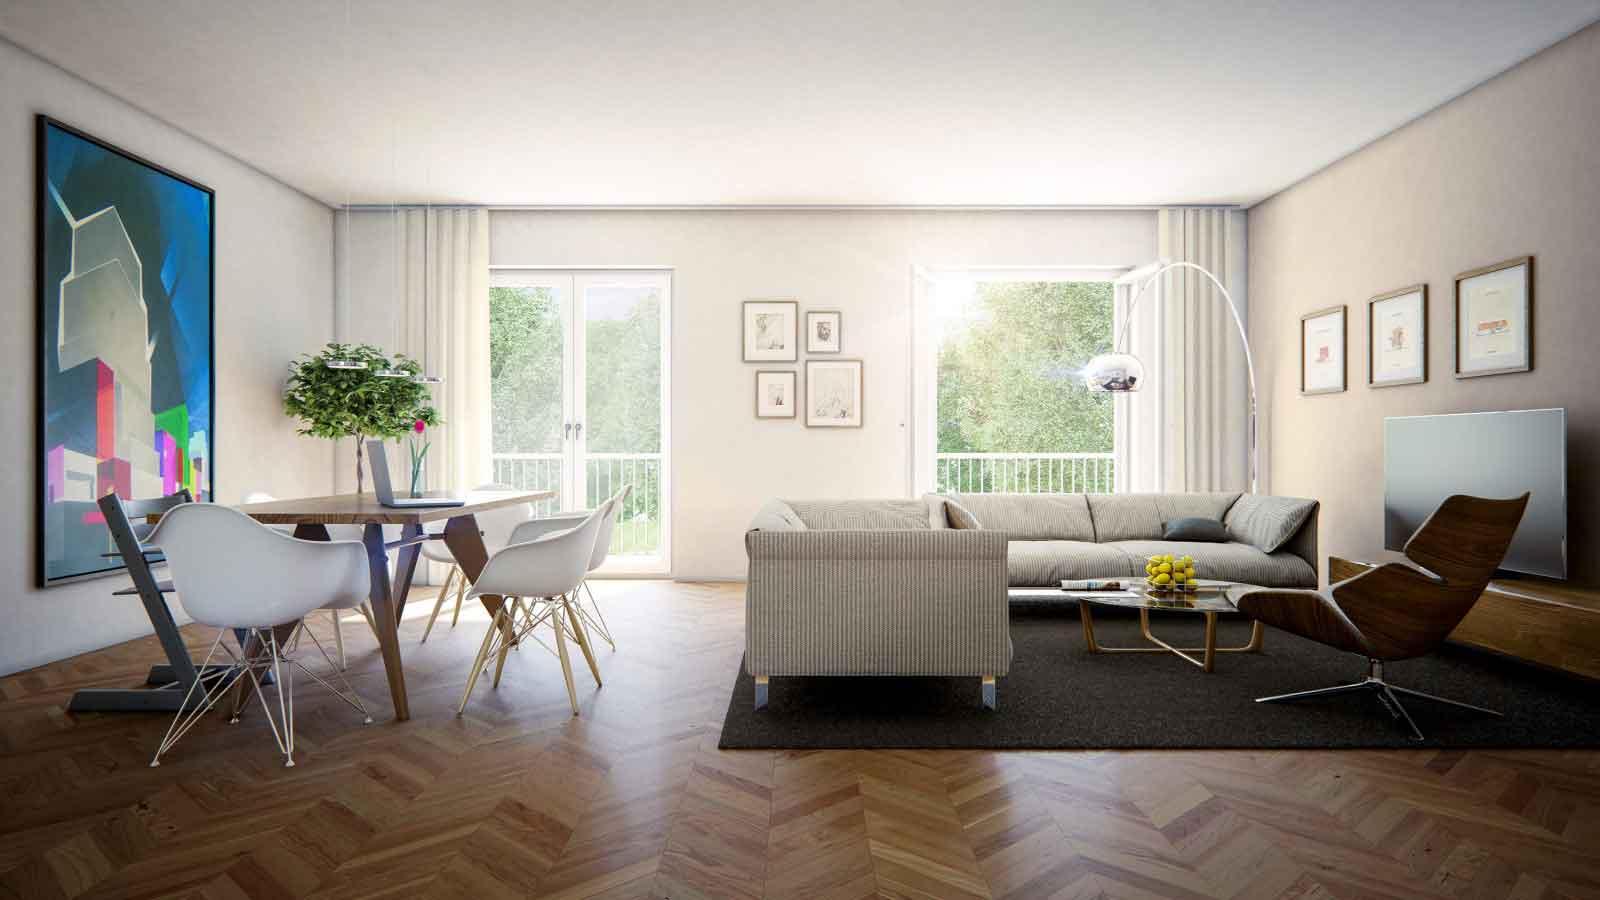 Etagenwohnung in Magdeburg - Architekturvisualisierung Innenraum